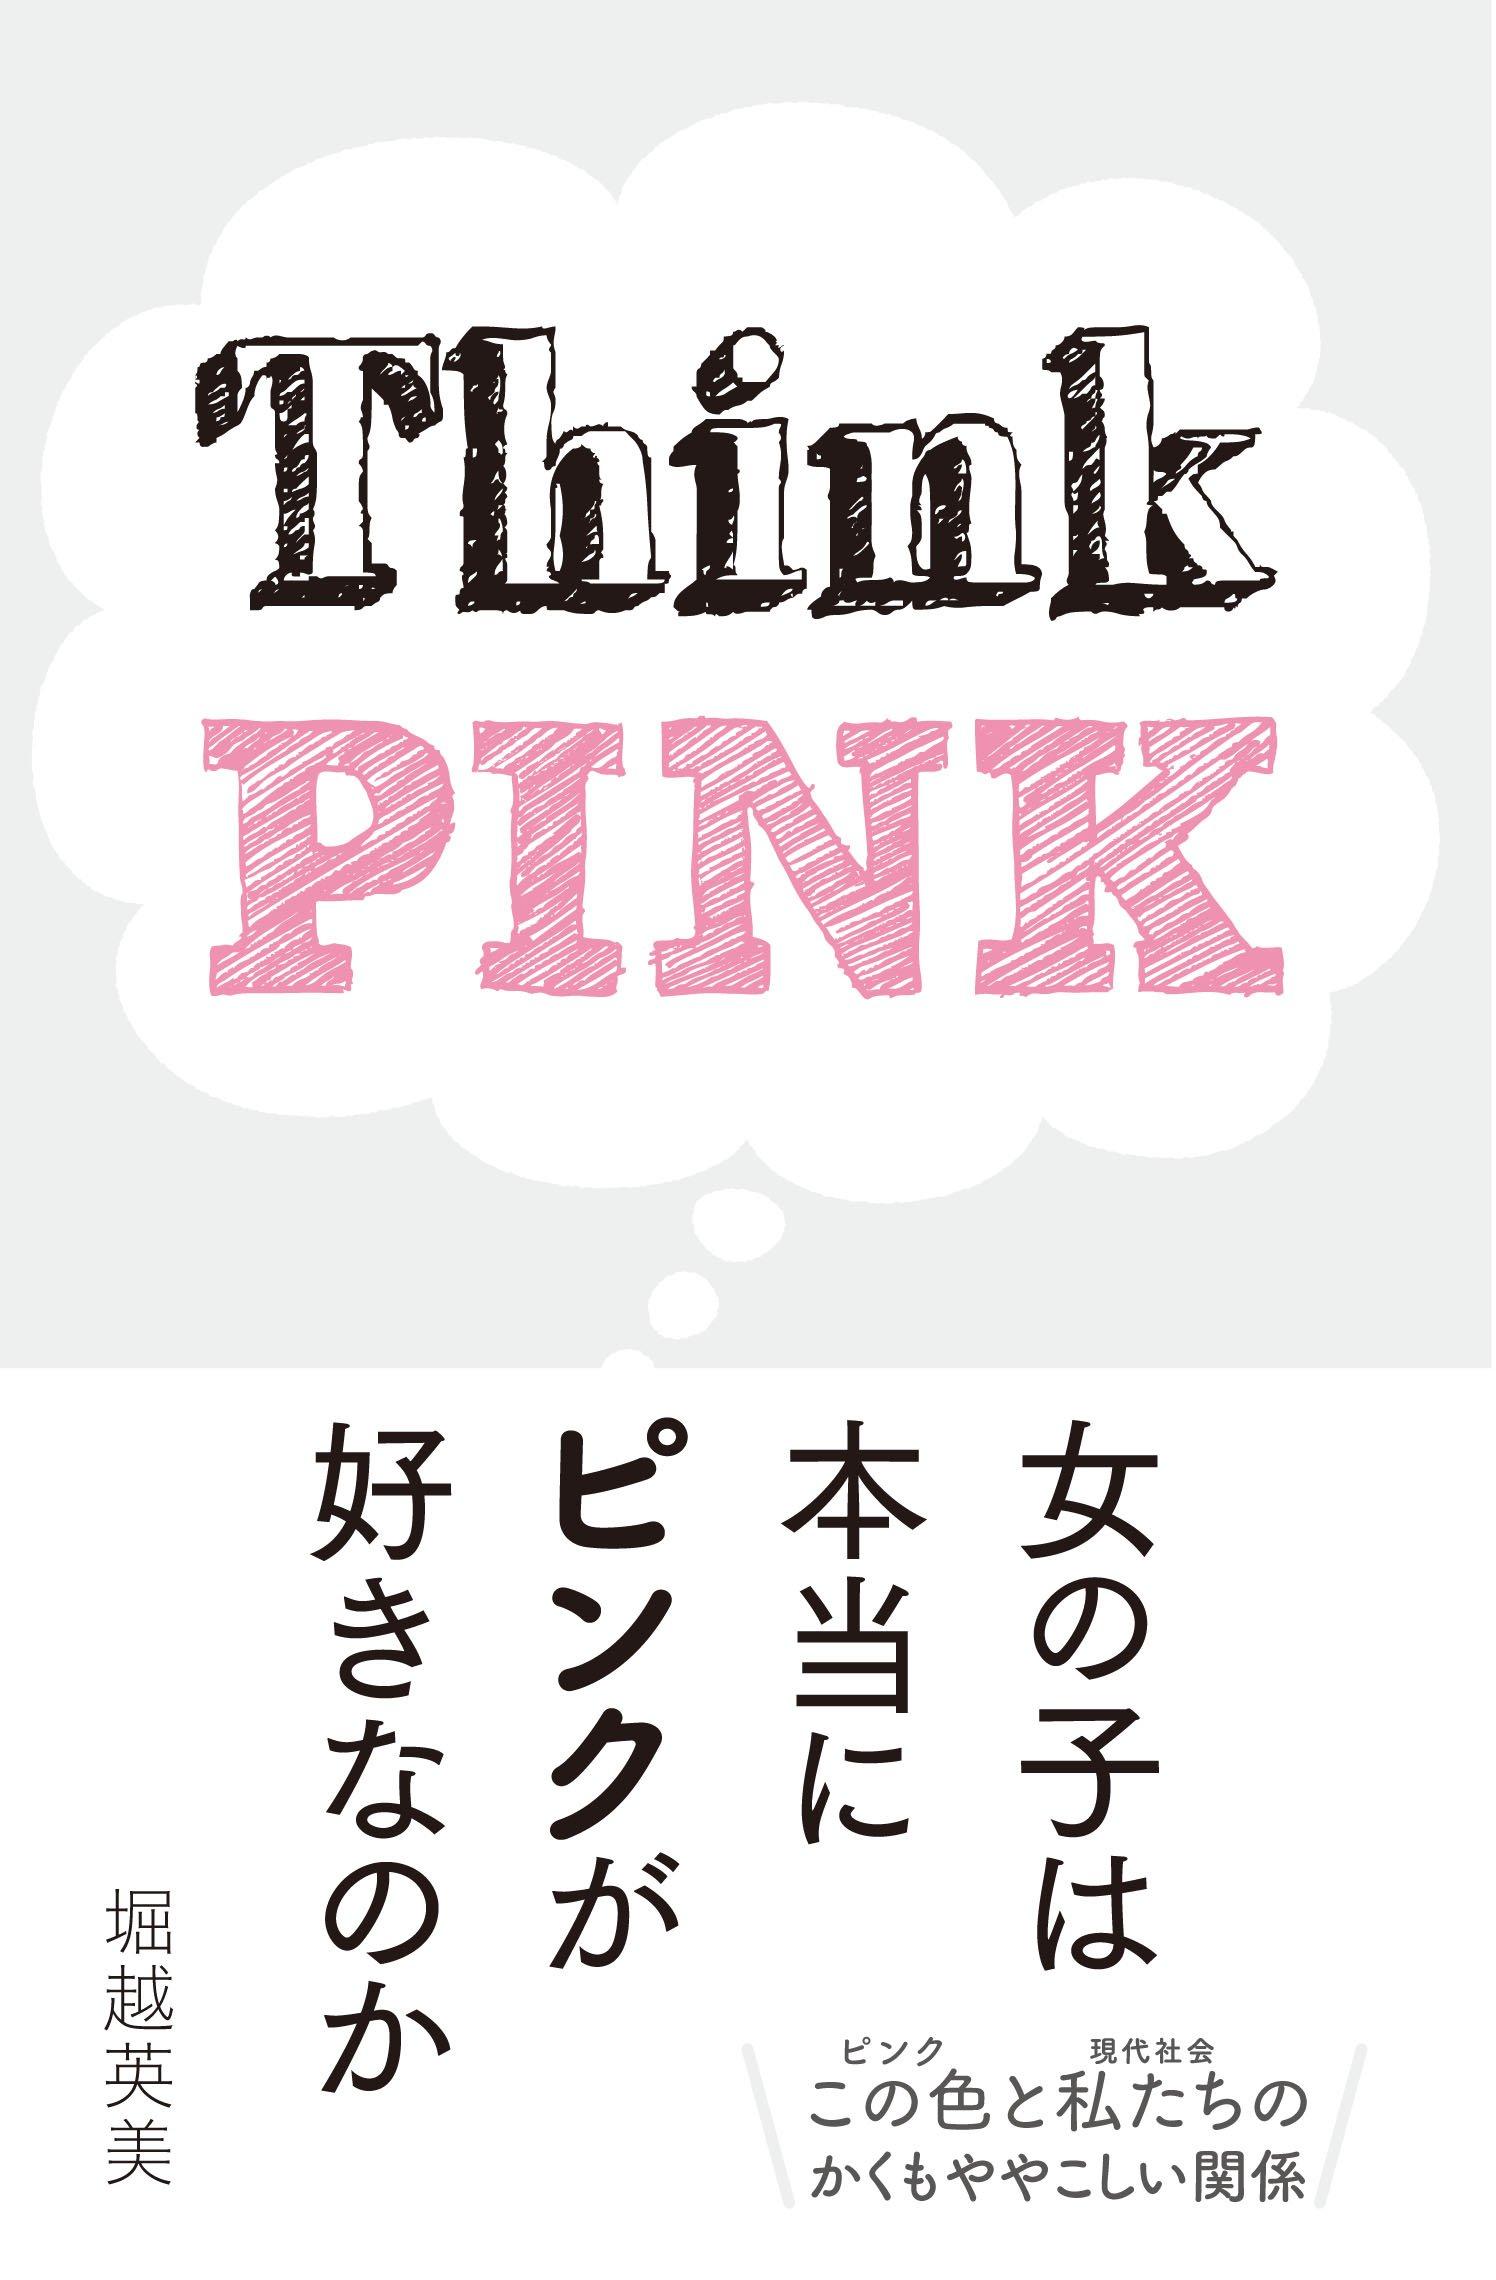 女の子は本当にピンクが好きなのか ele king books 堀越英美 本